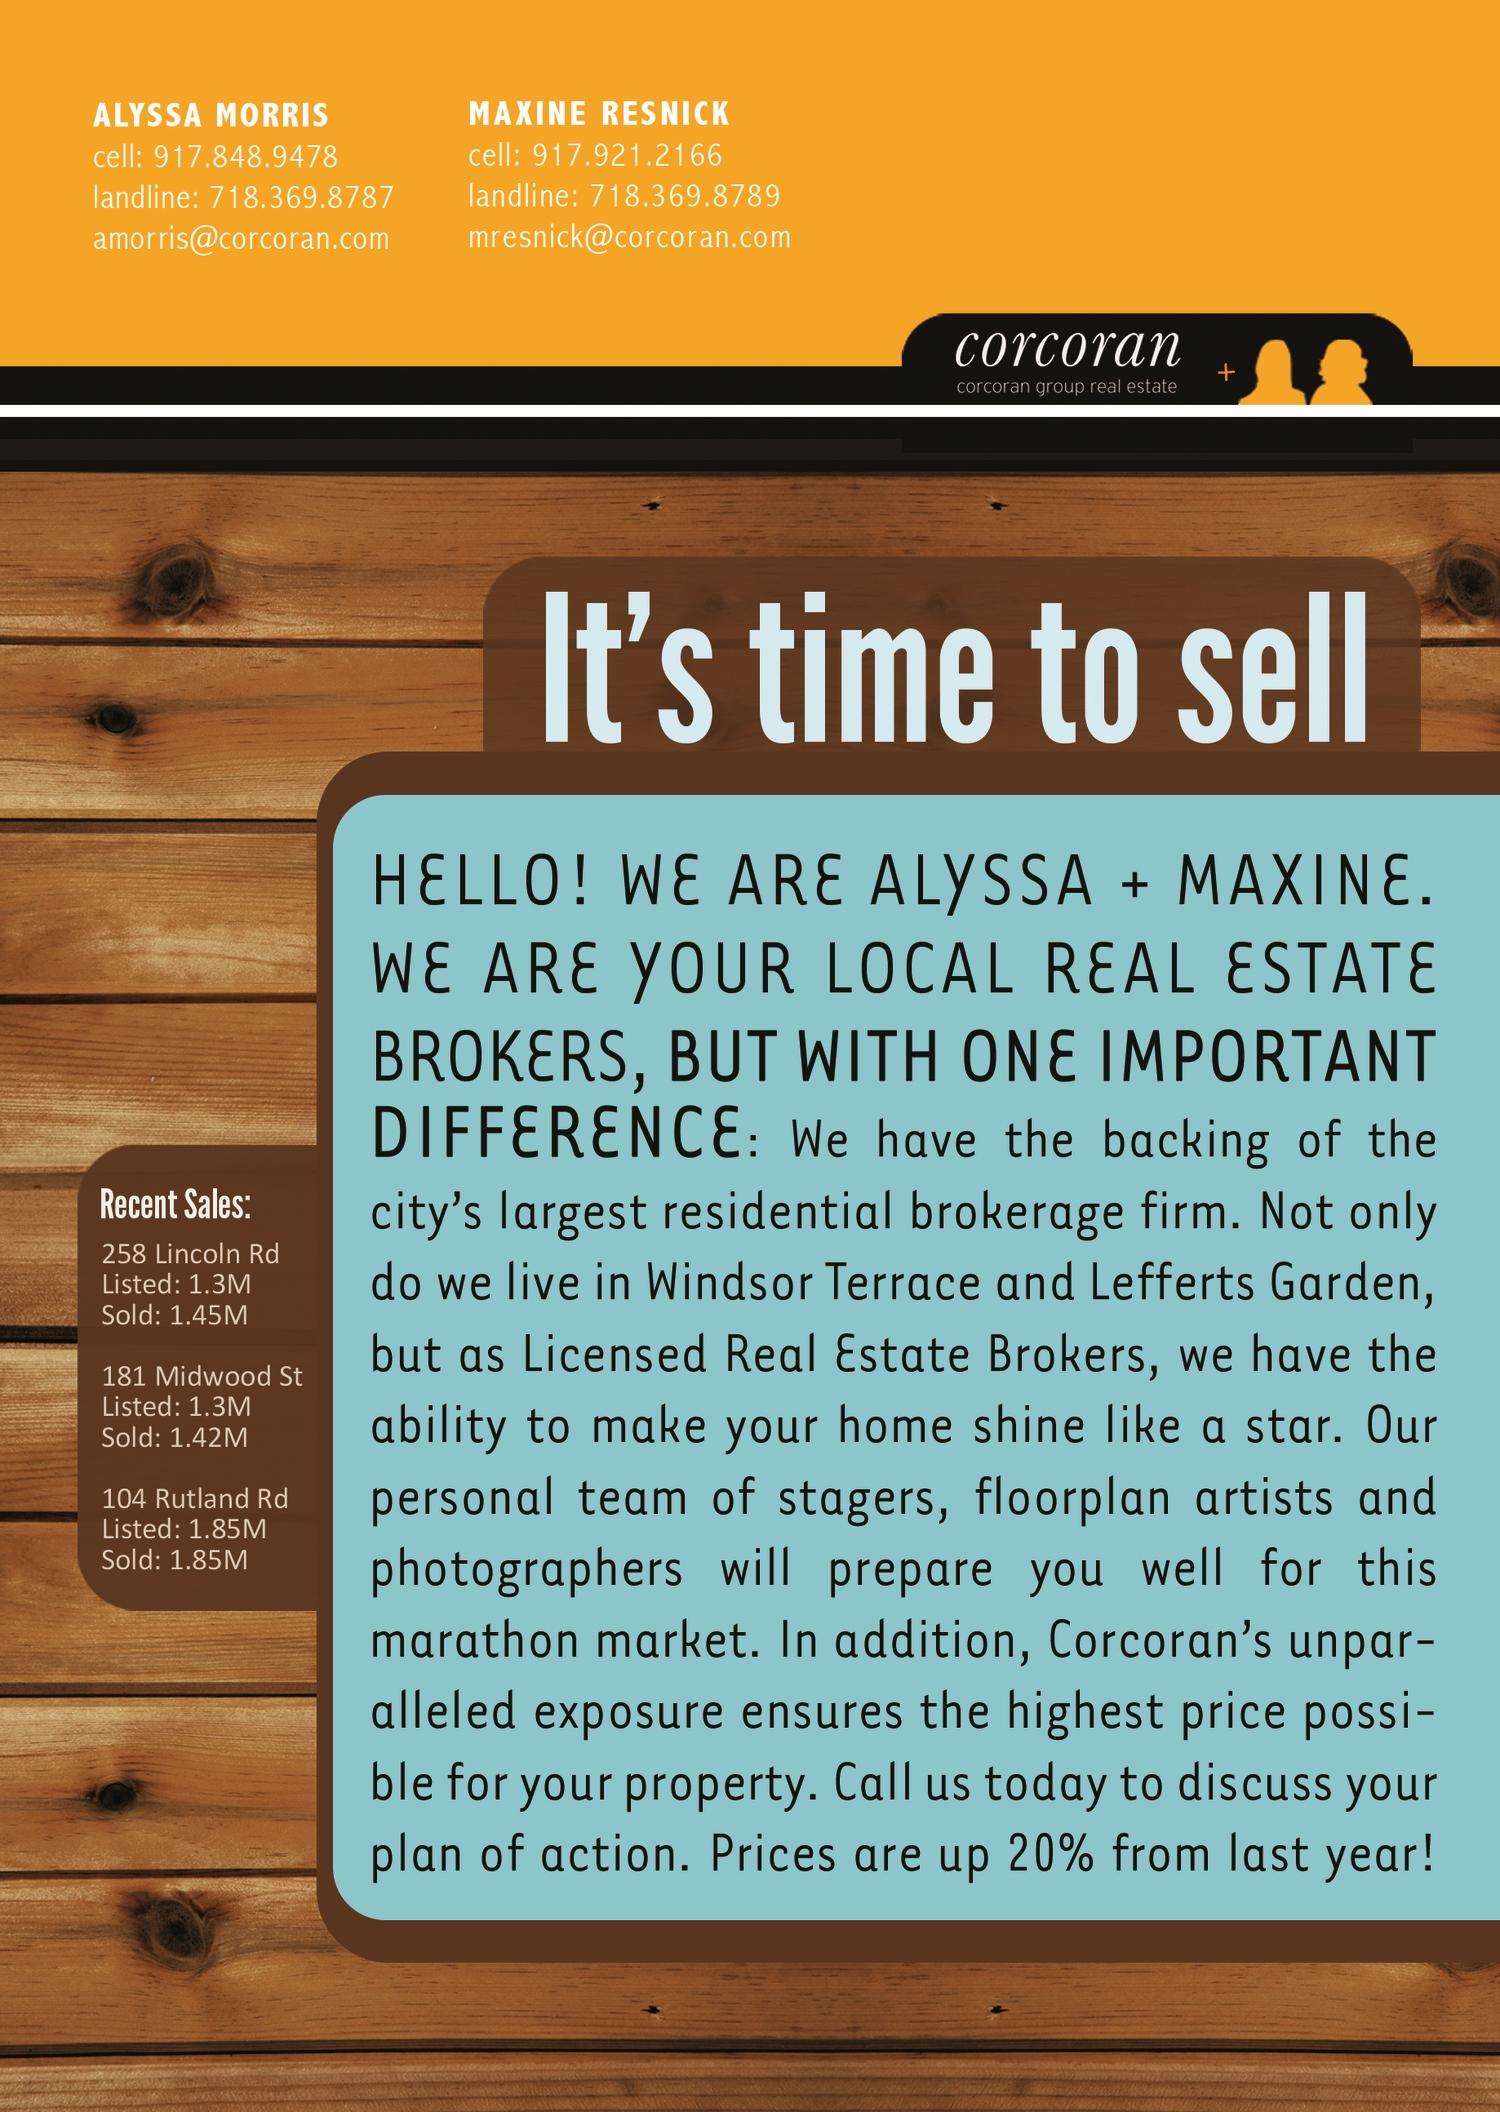 Branding Identity Promo, Backside, Mailer 1 of 4